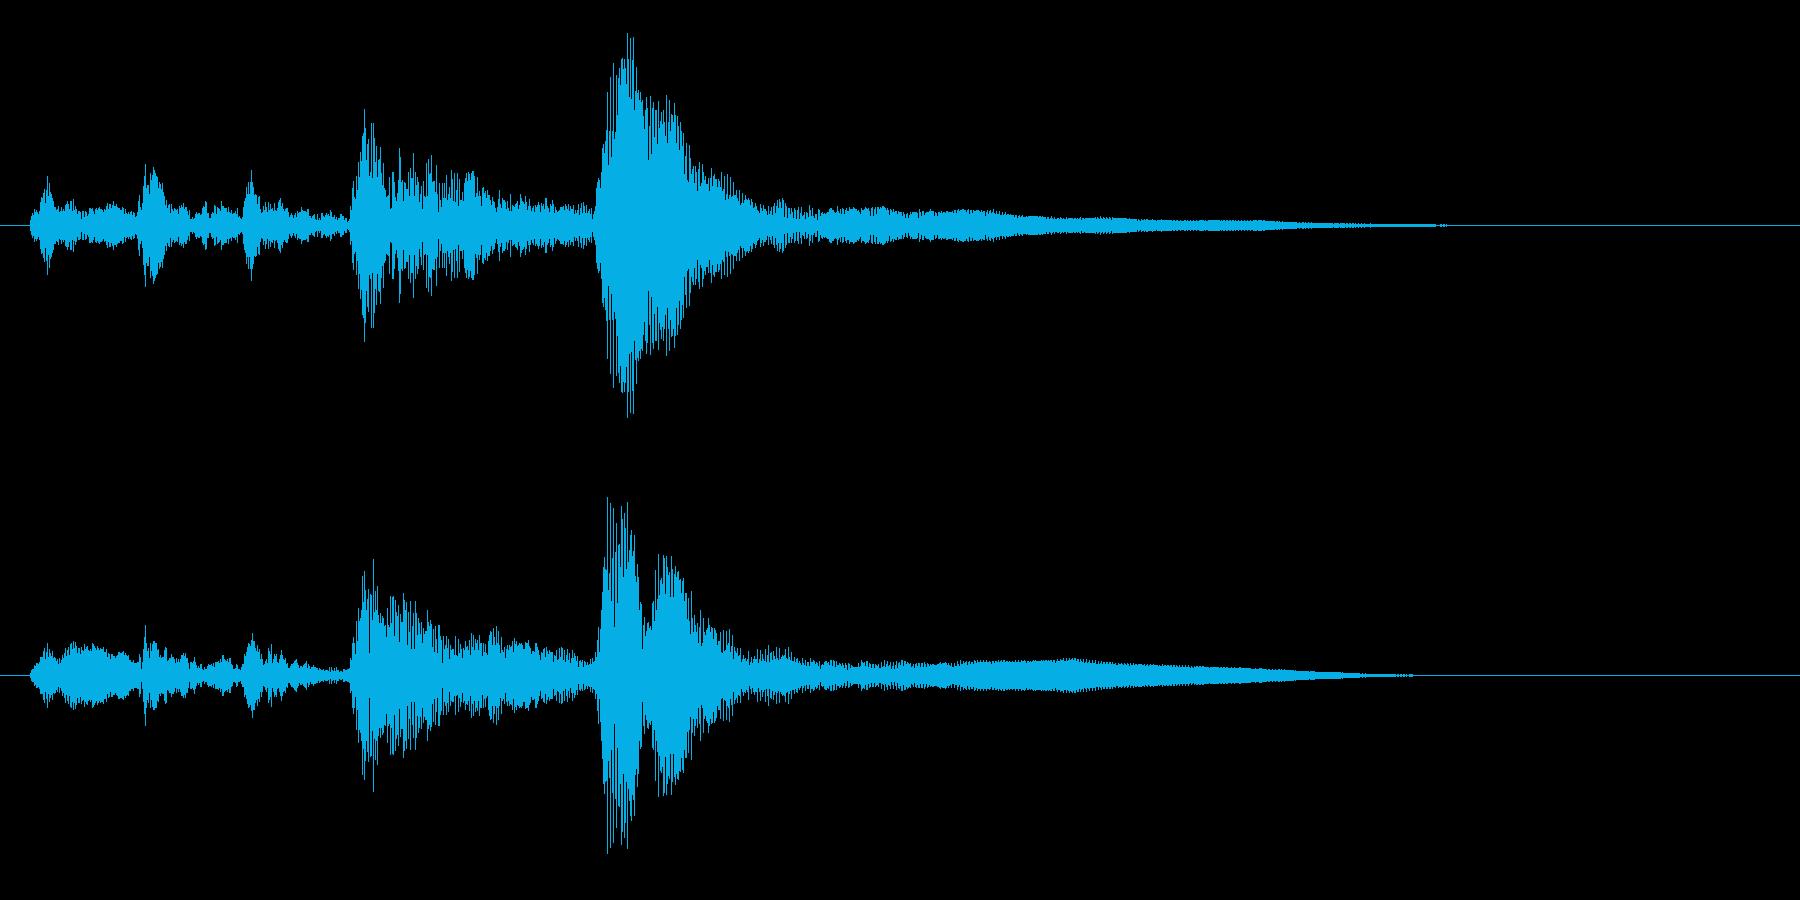 穏やかなオーケストラジングルの再生済みの波形